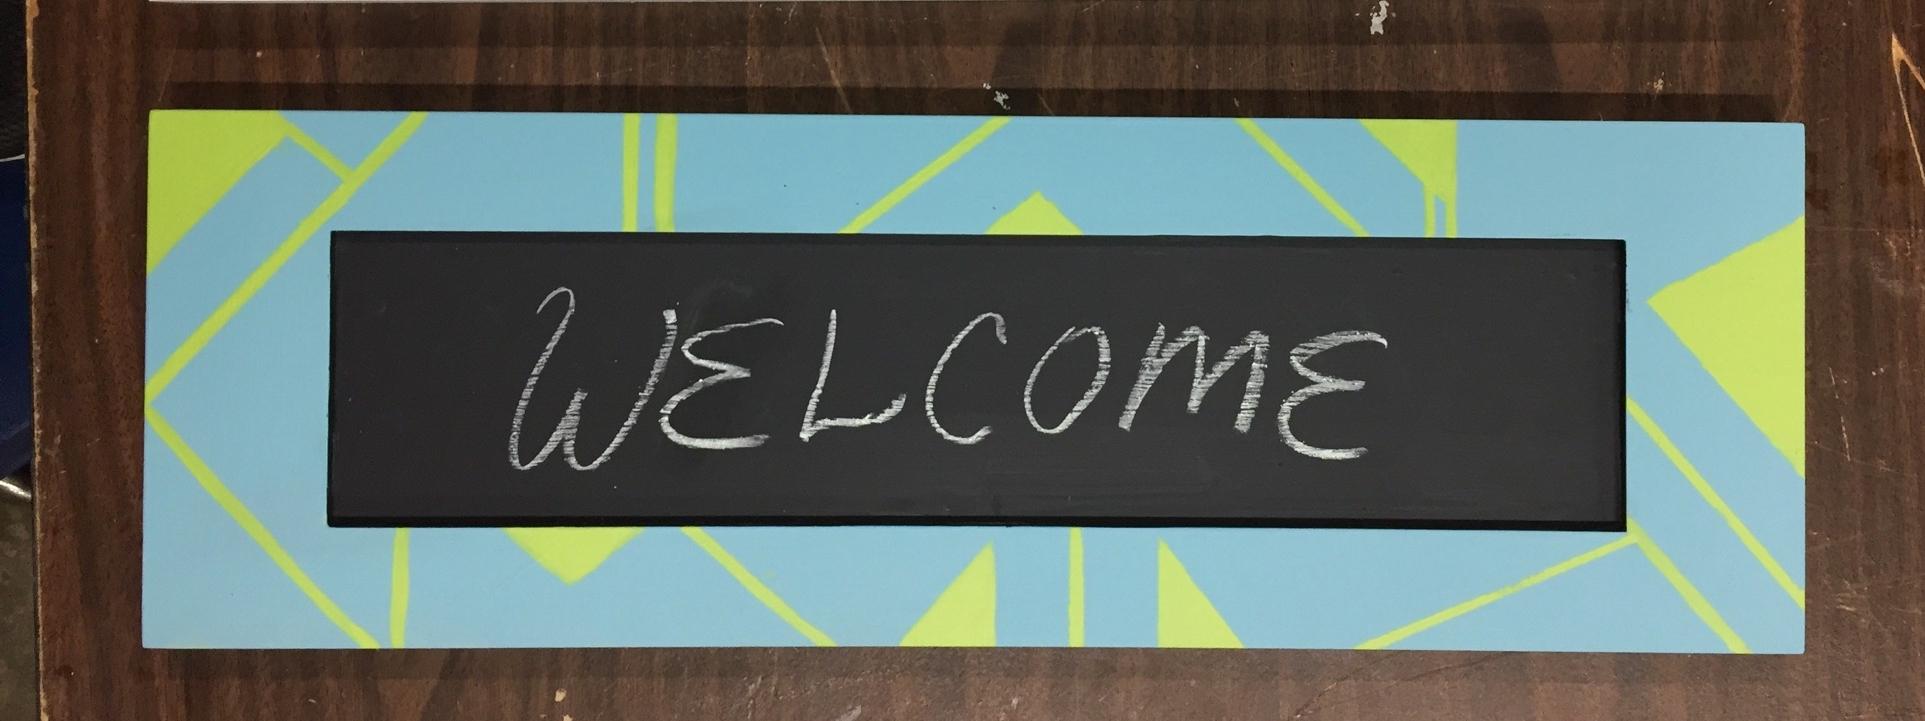 cabinet-door-to-chalkboard5.jpg